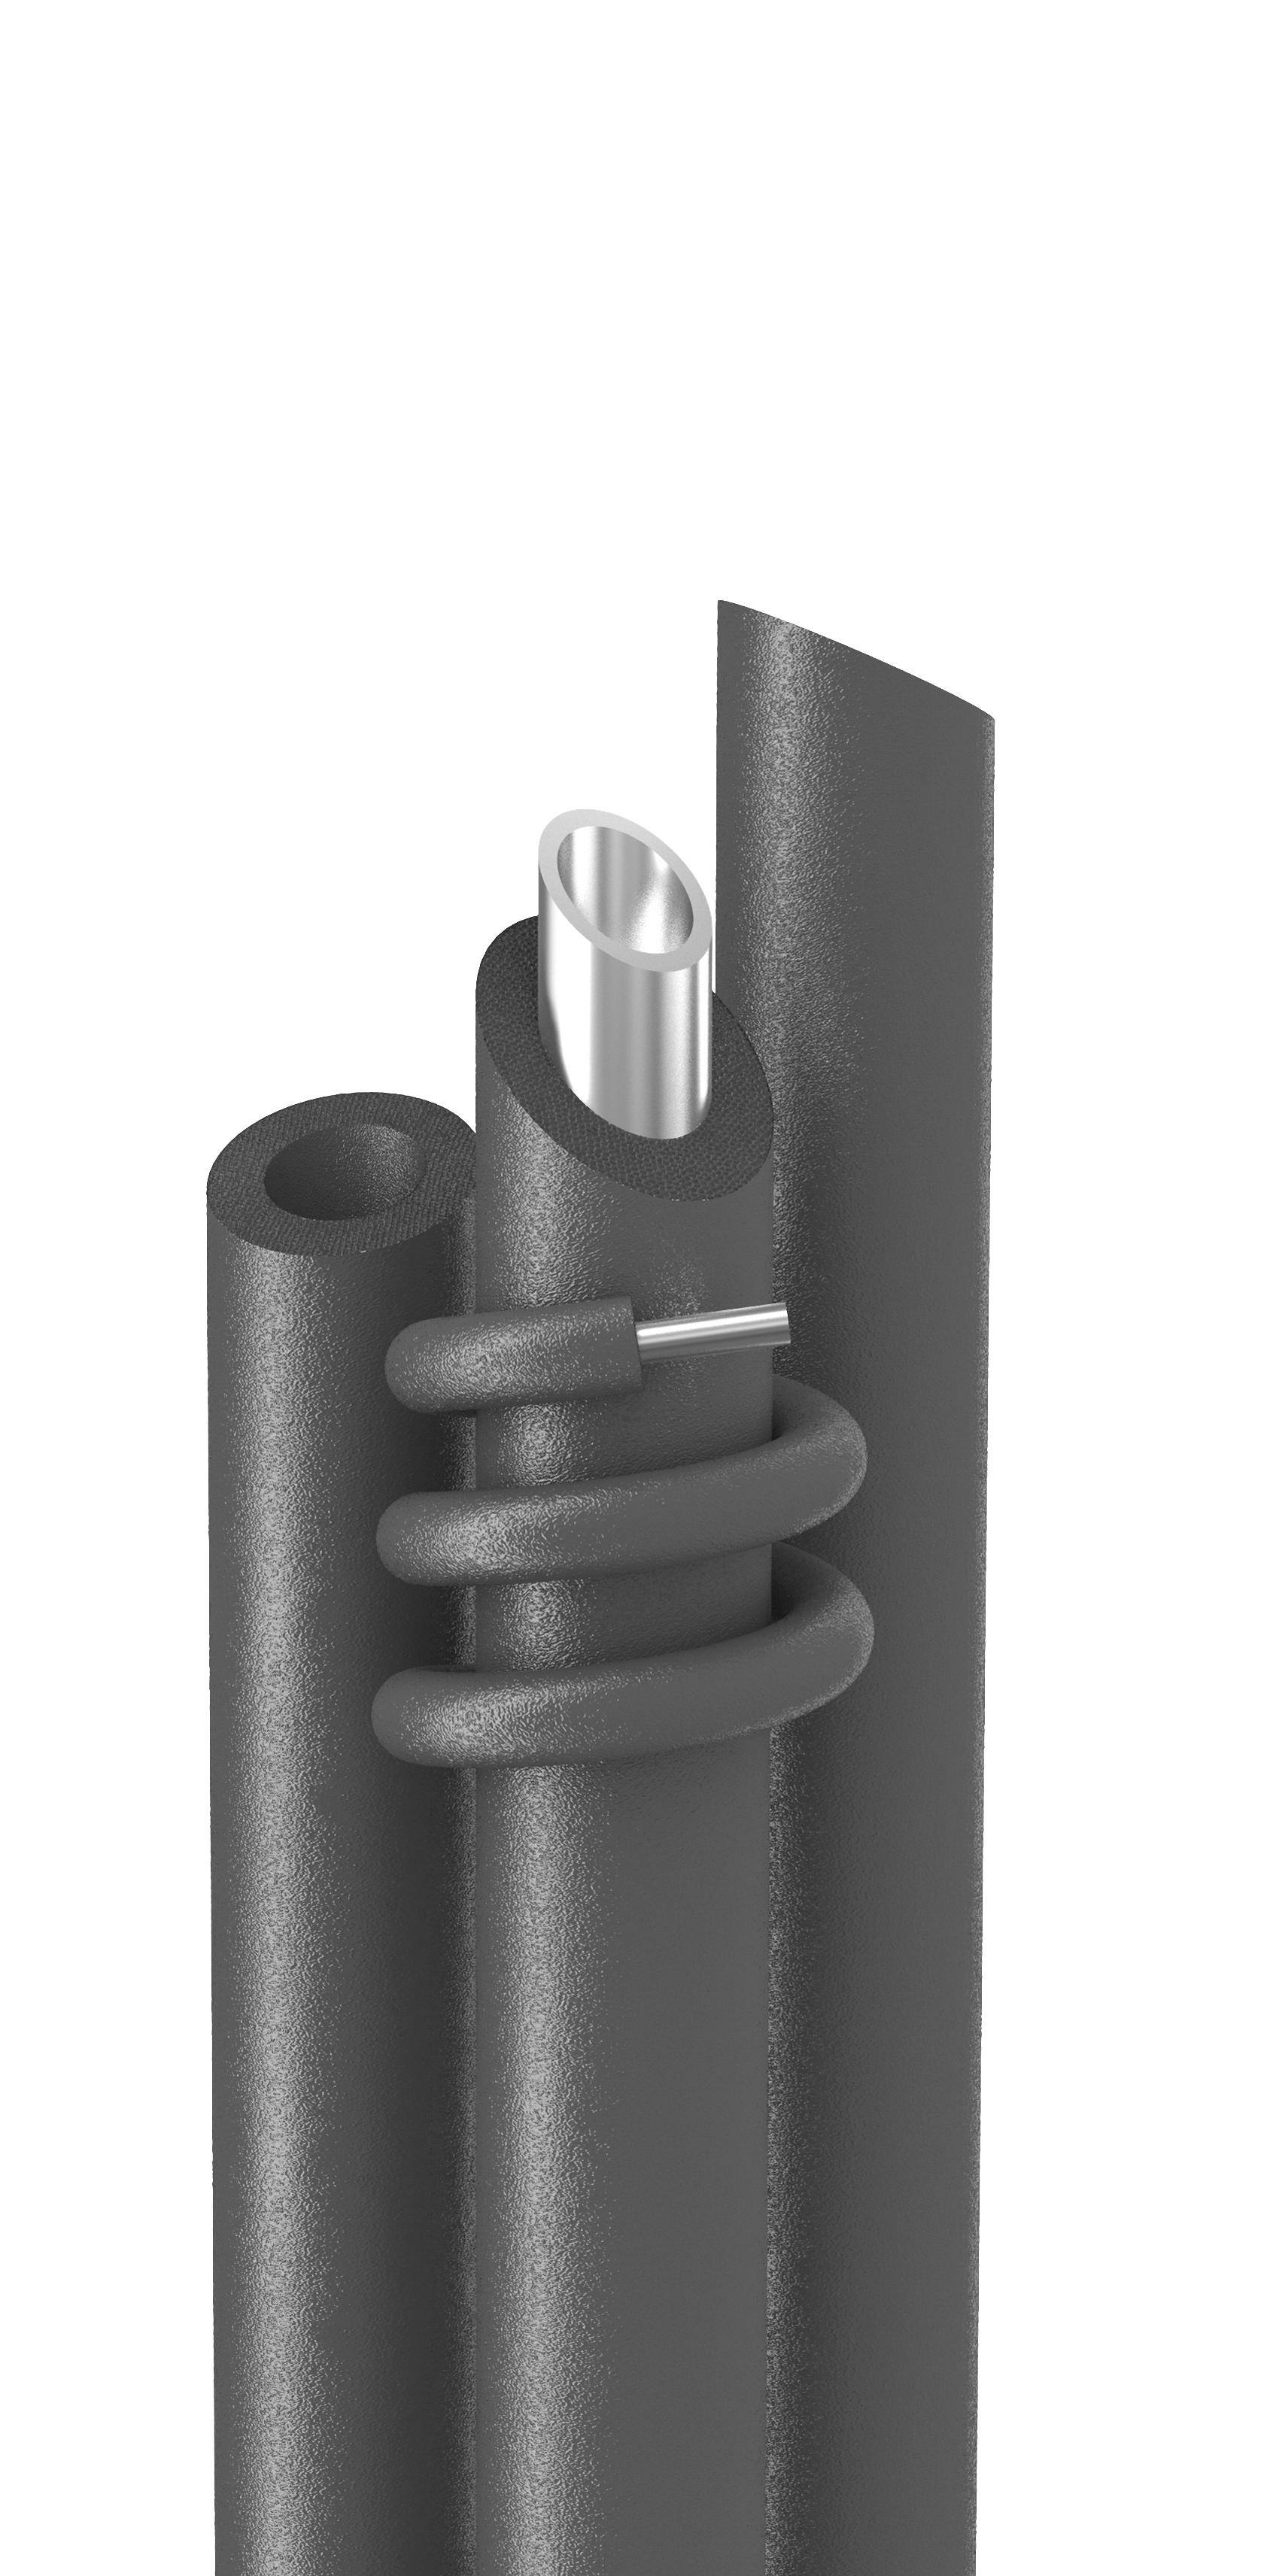 Трубки Energoflex толщ.32мм диам.35